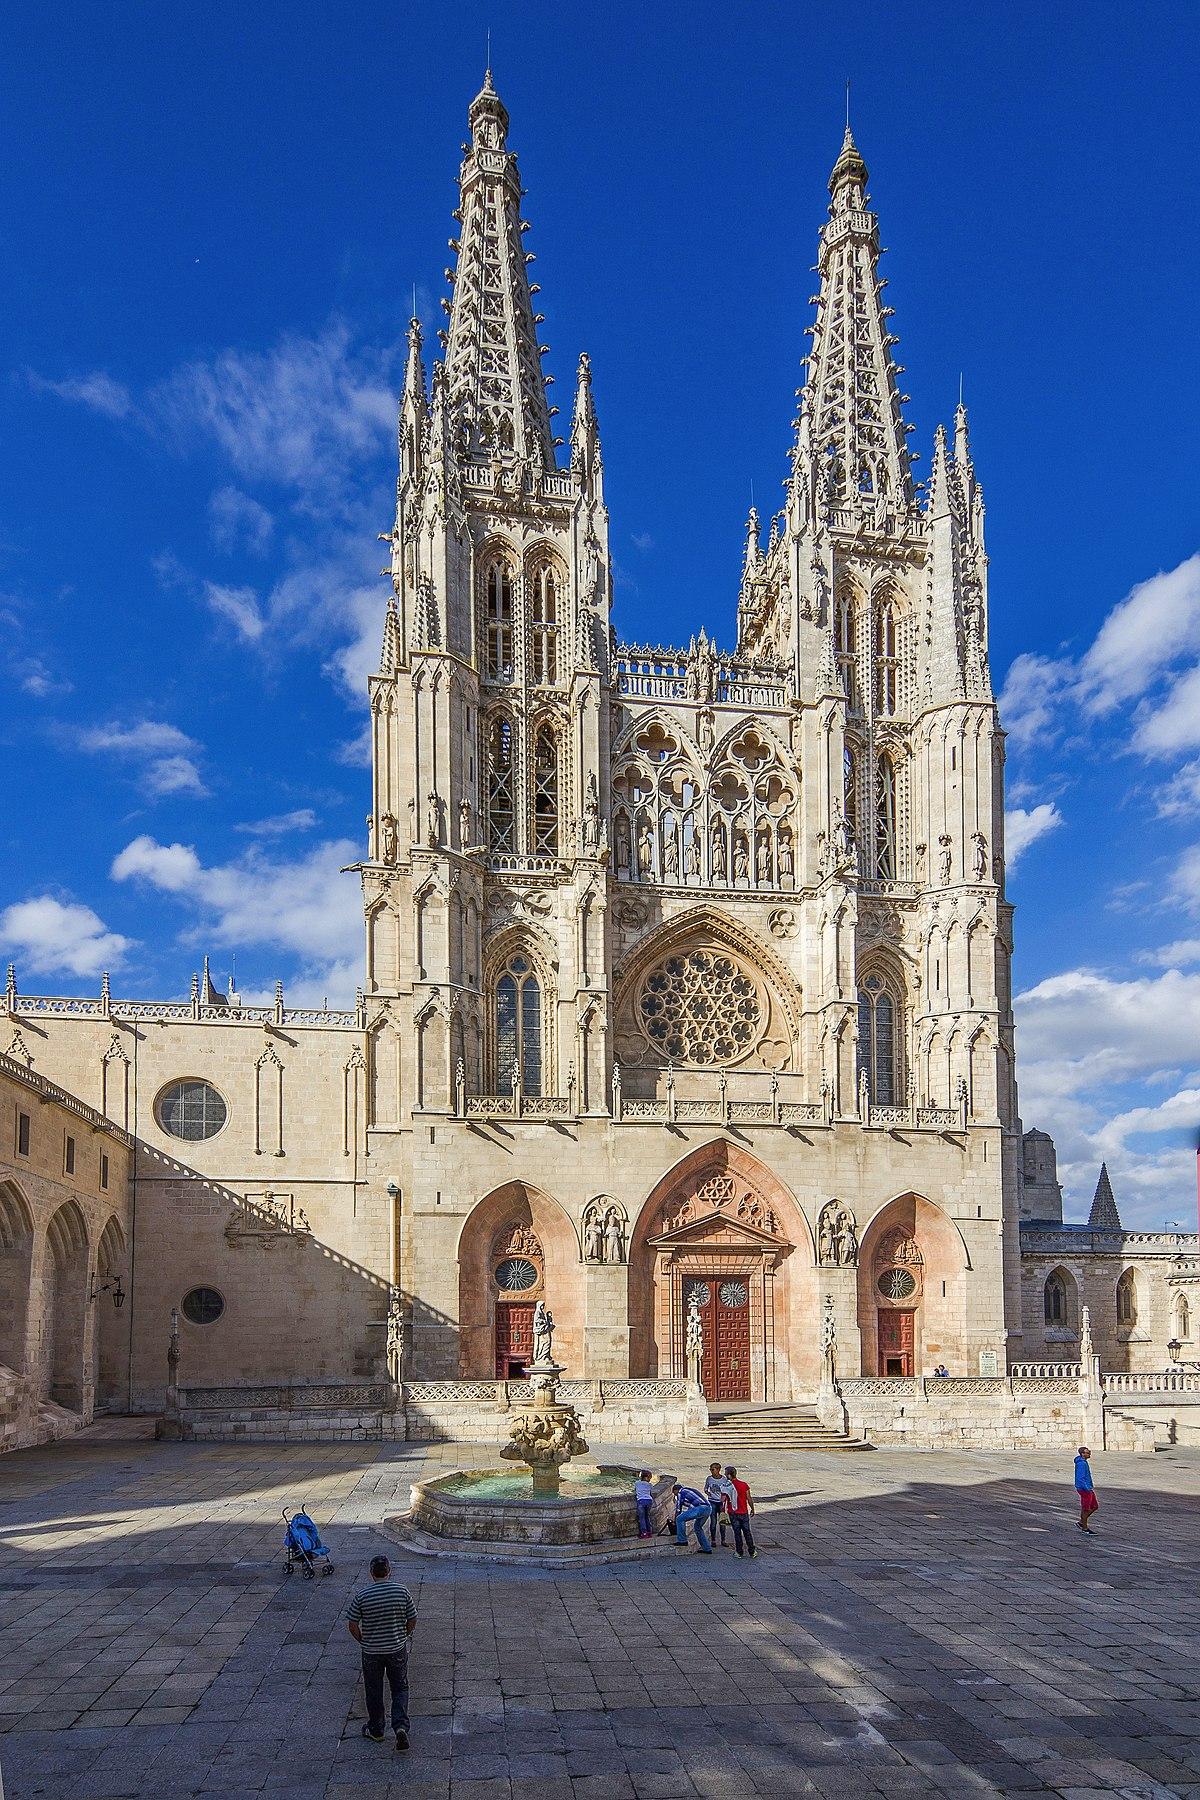 Arquitectura del camino de santiago wikipedia la for Arquitectura de espana